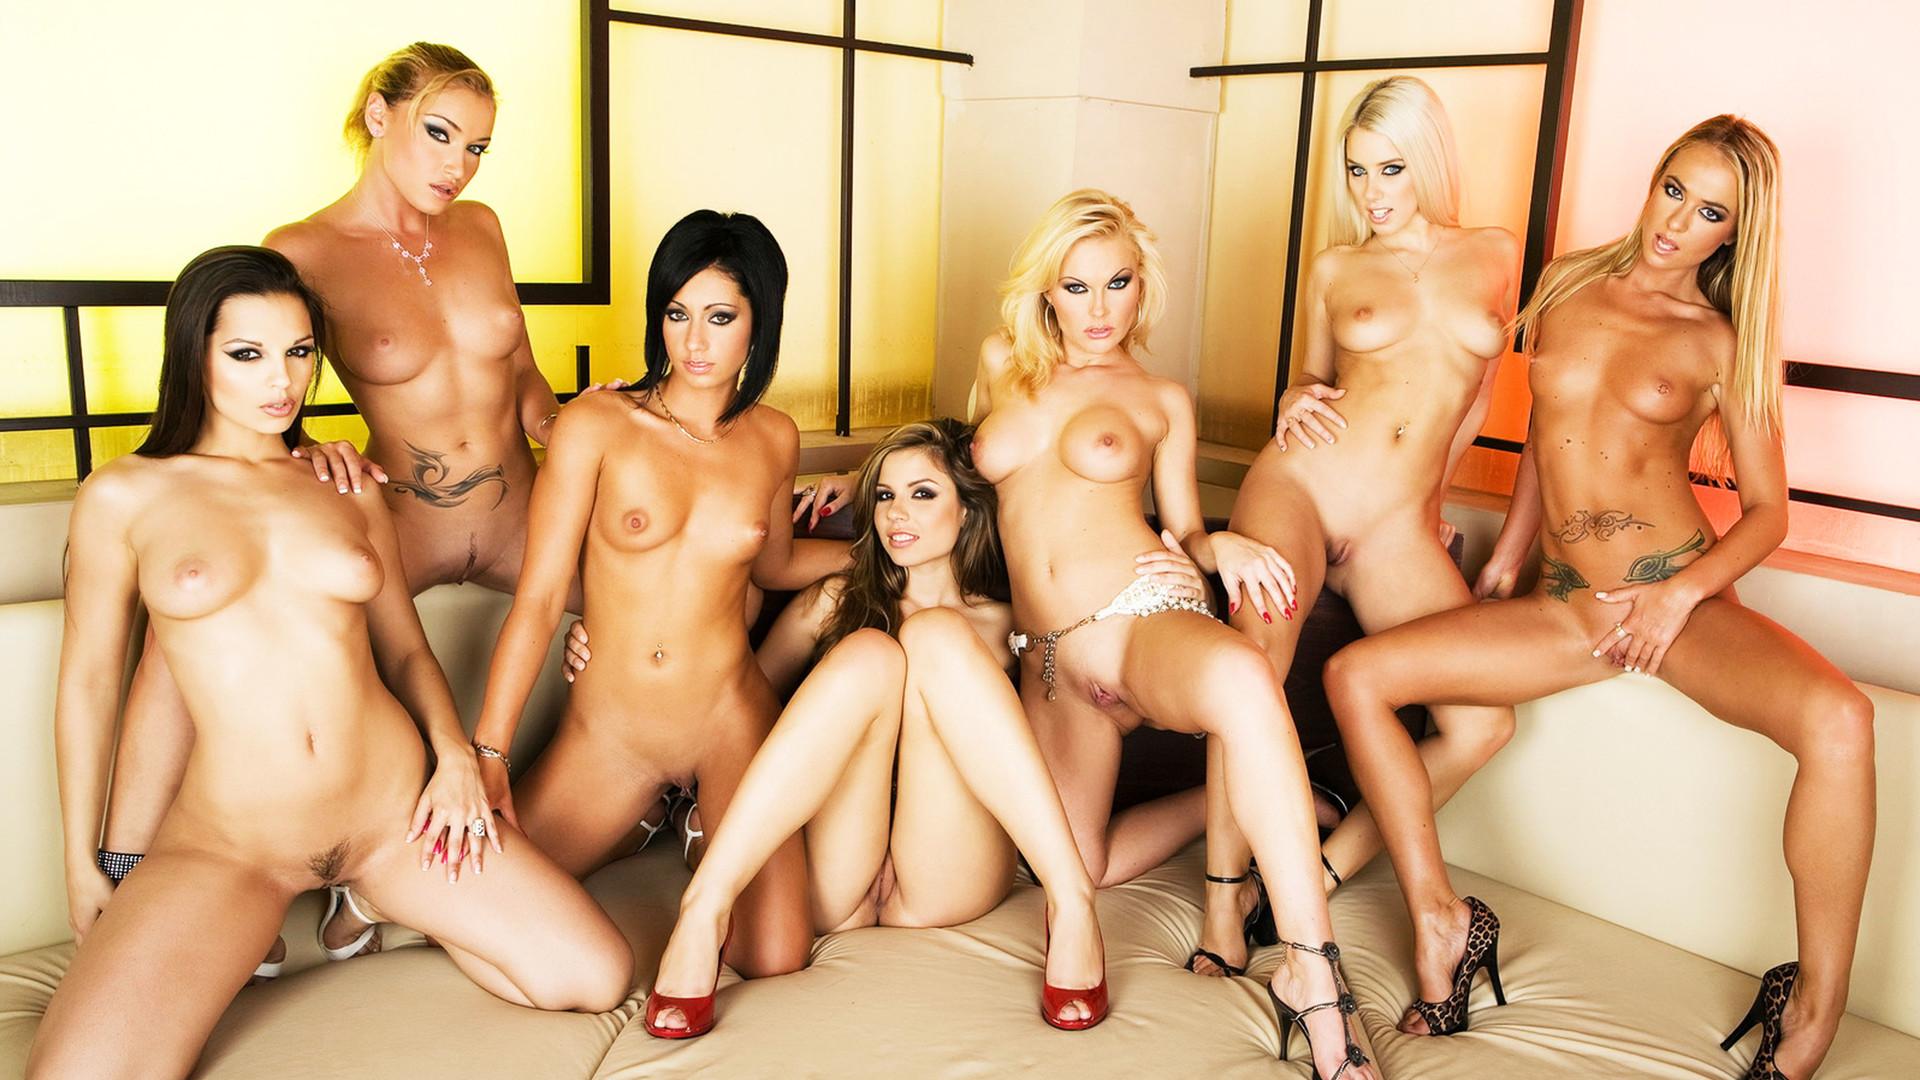 Голые девушки - порно фото голых девушек